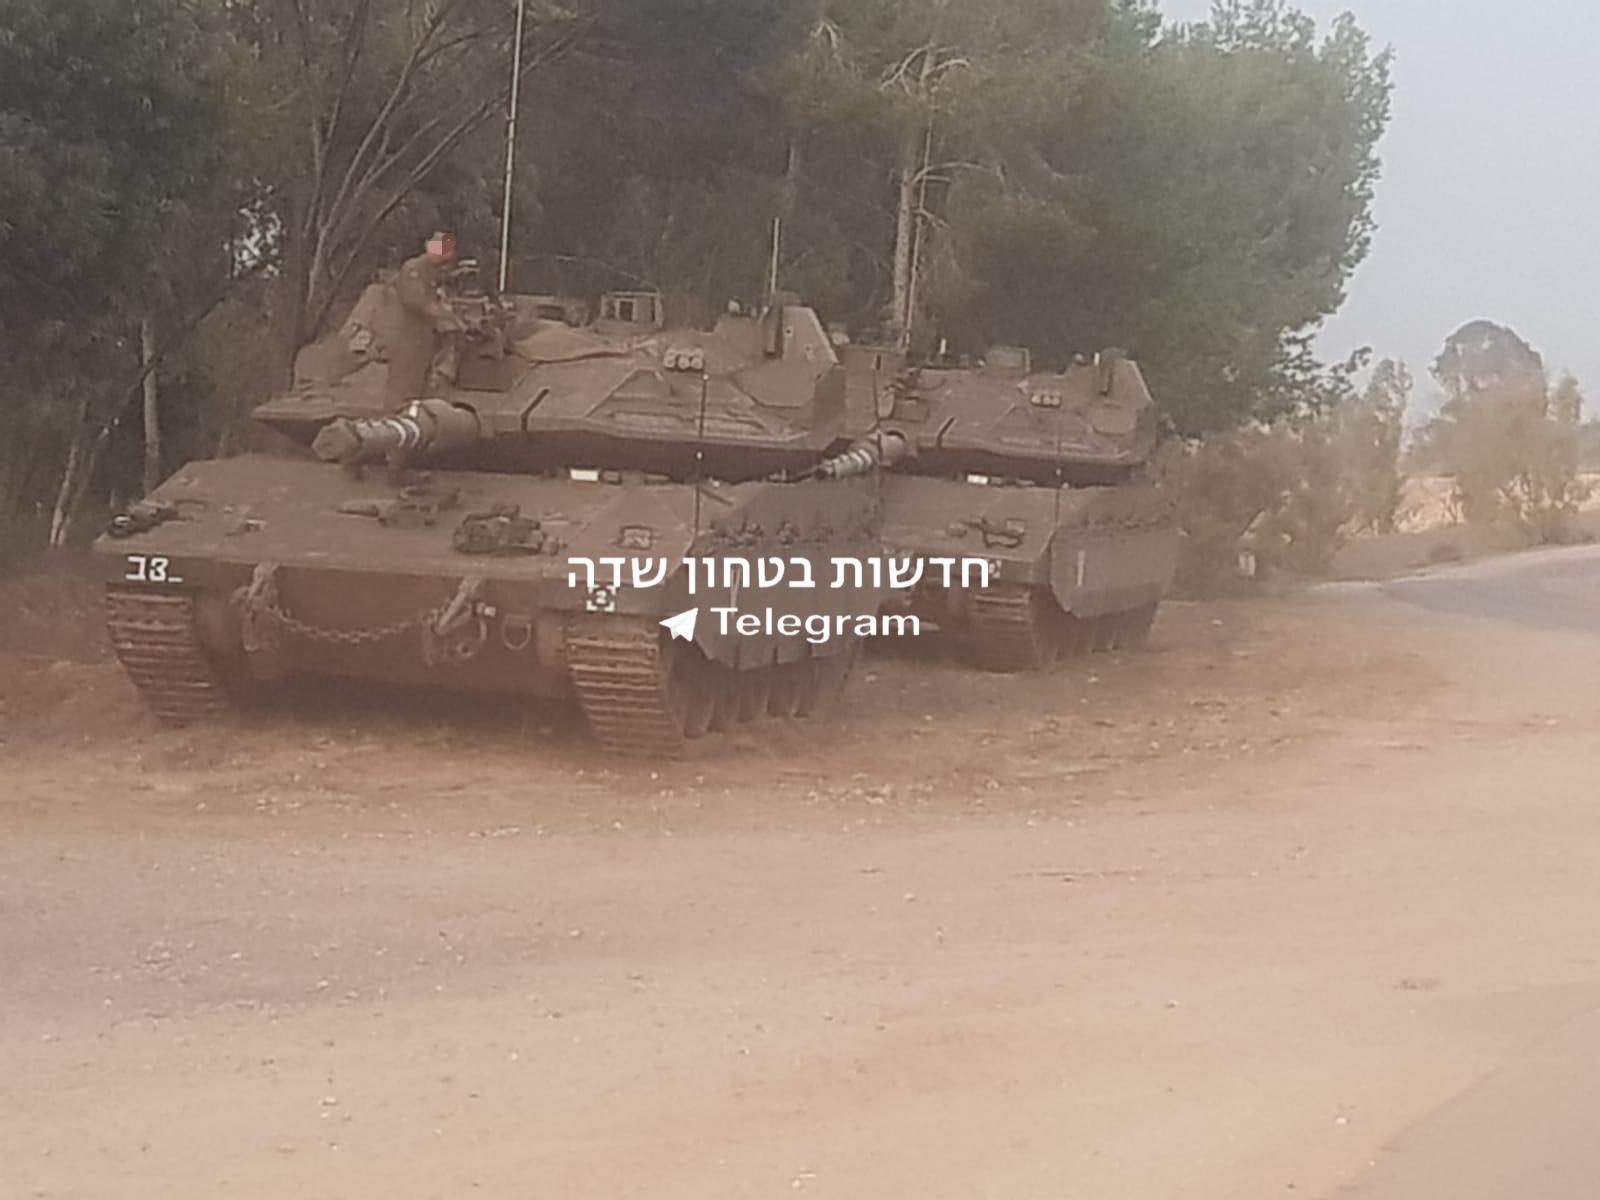 טנקים בגבול הרצועה היום